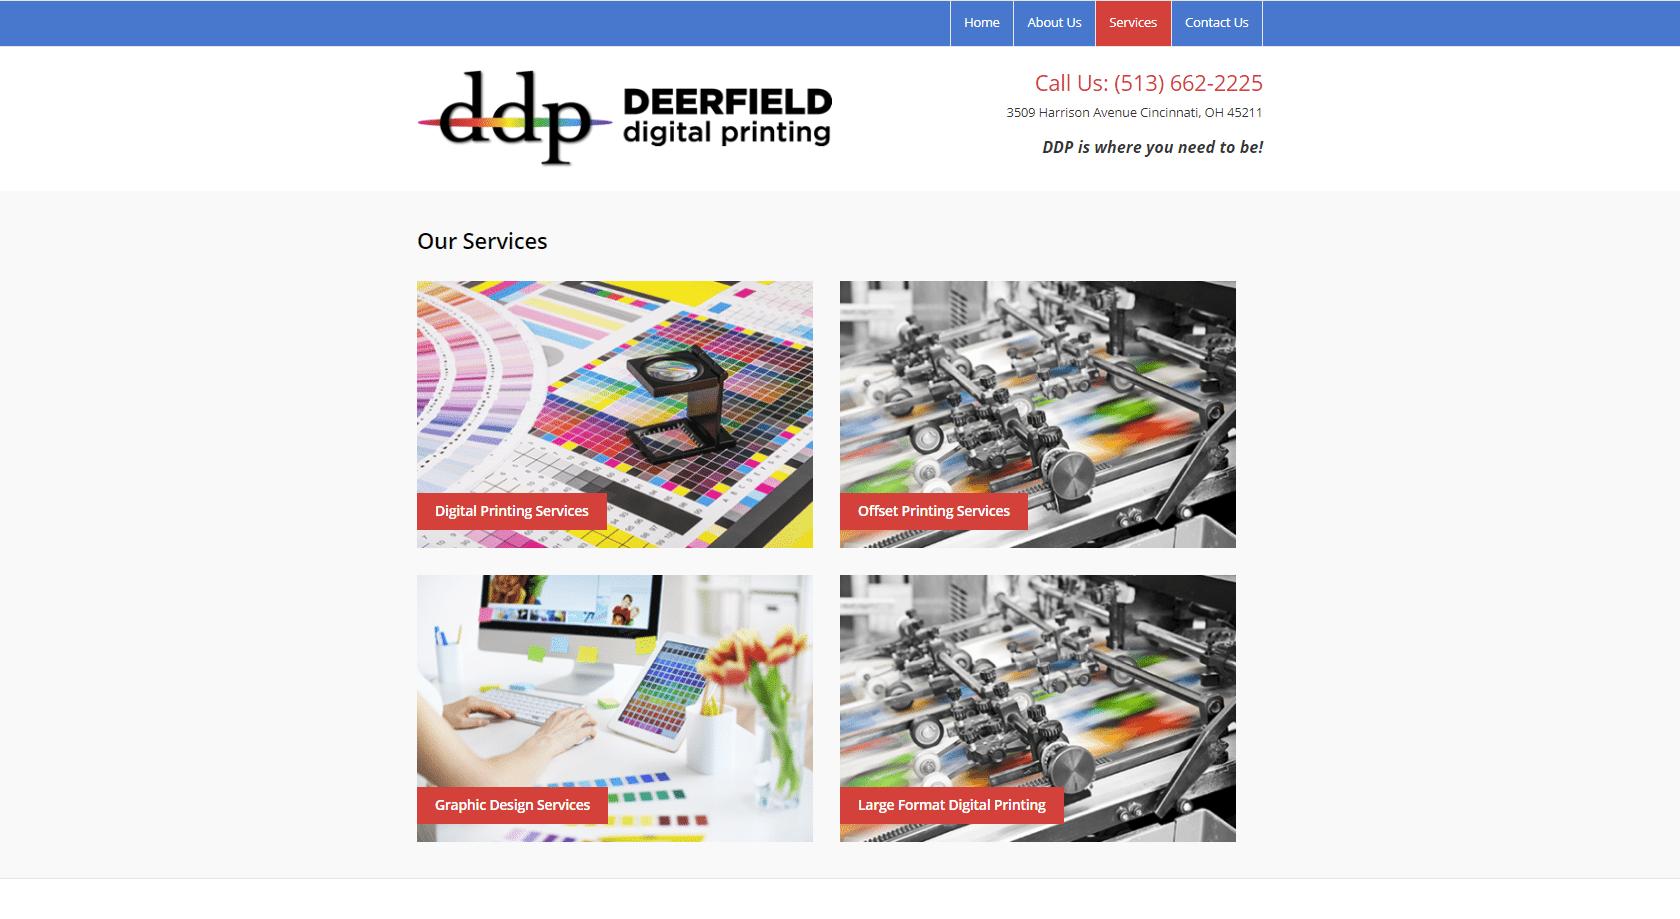 Deerfield services